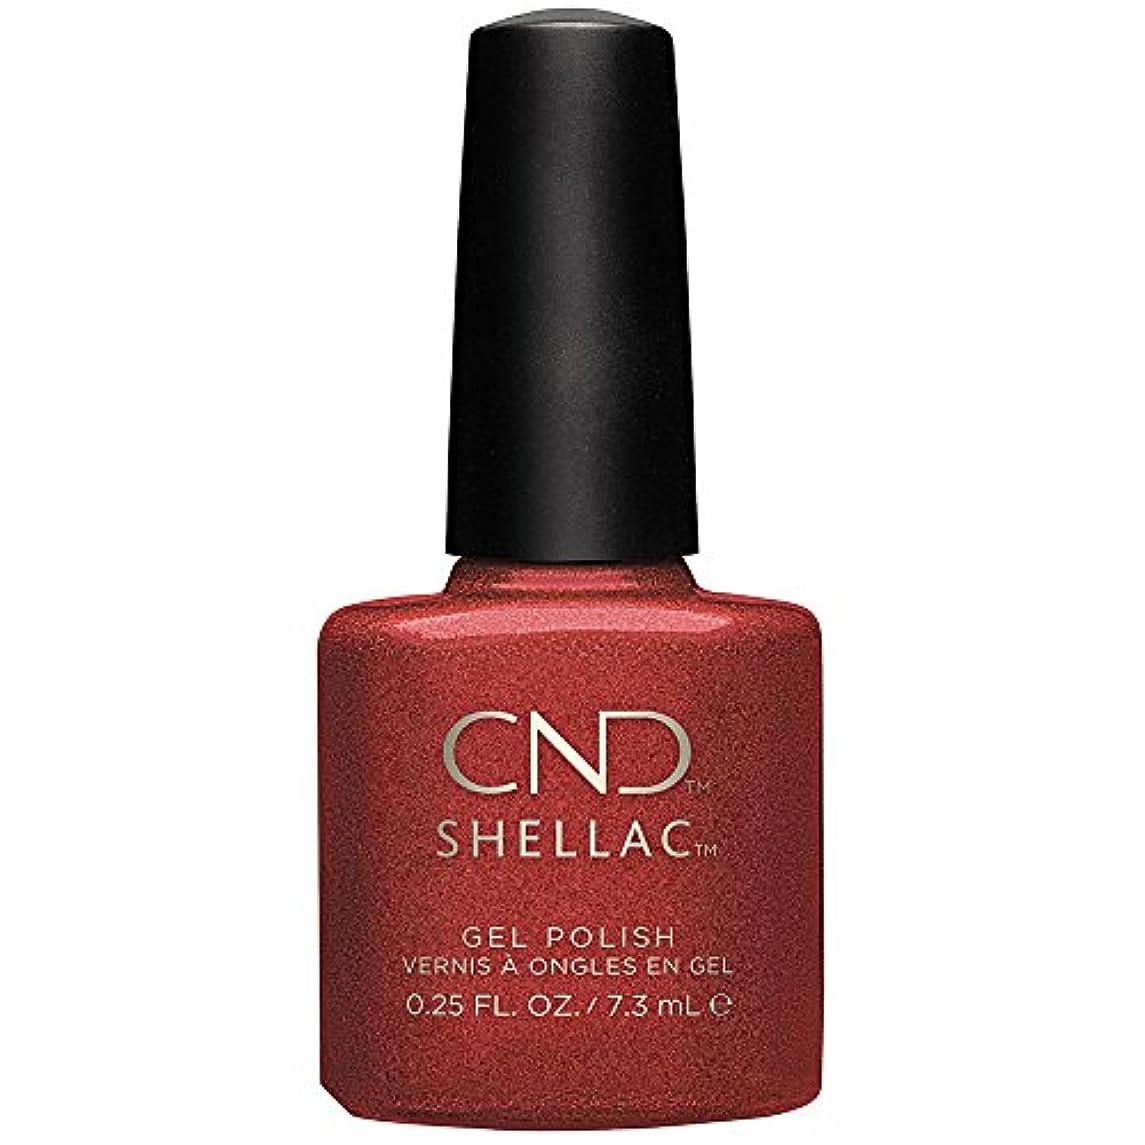 不条理ジョージエリオット牽引CND Shellac Hand Fired color coat 7.3 ml (.25 fl oz)